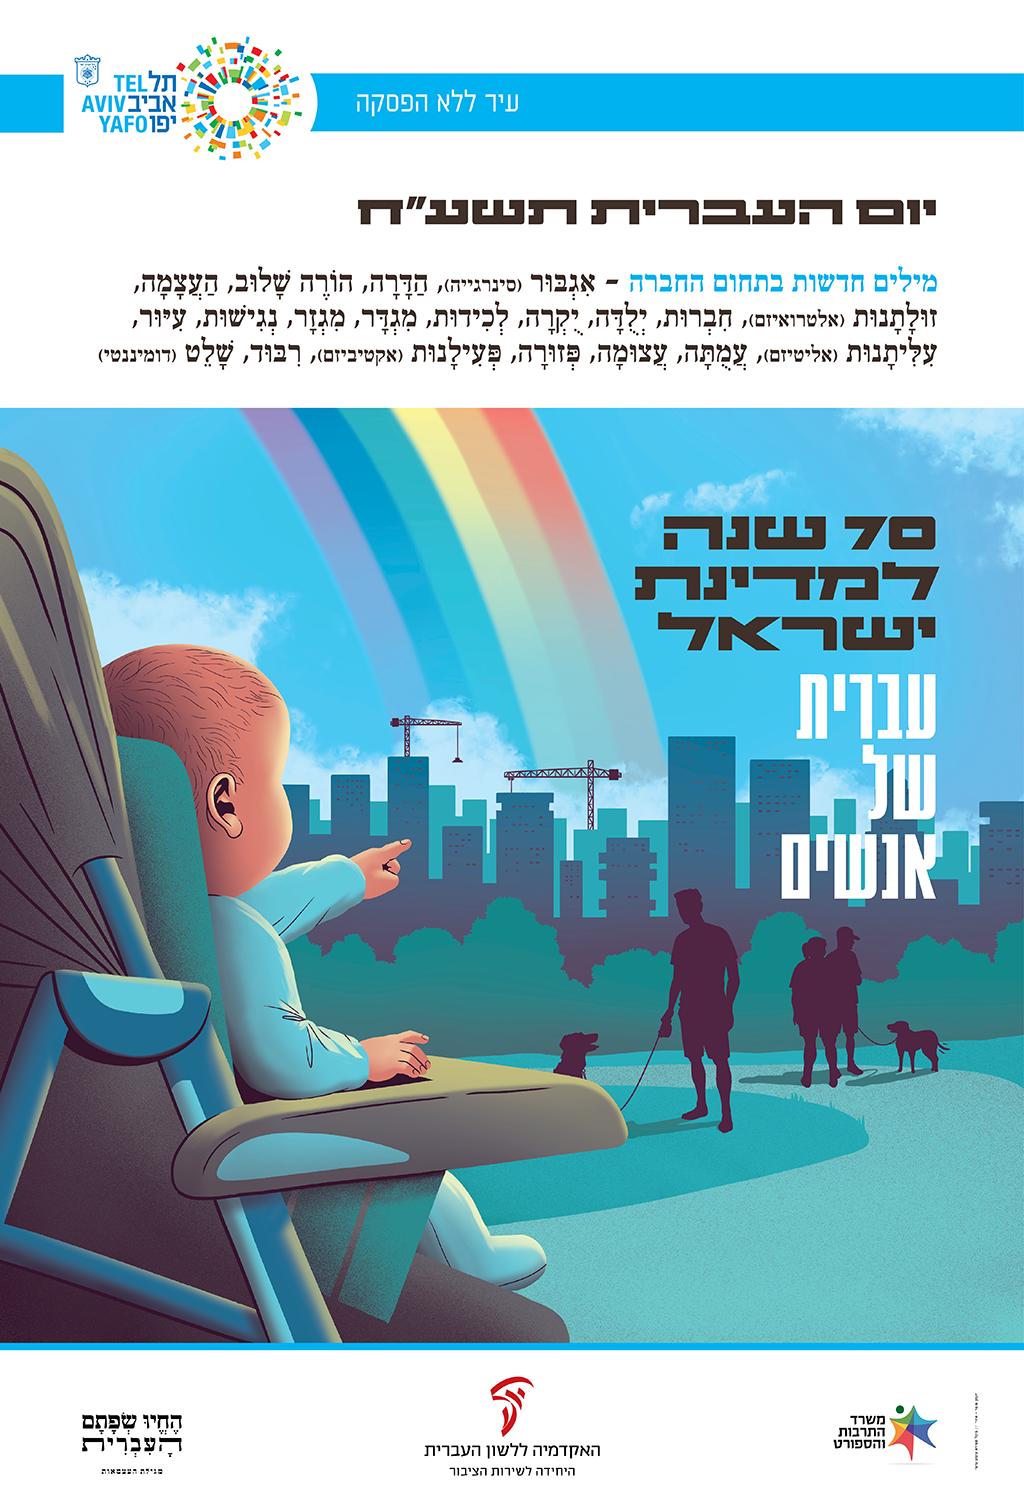 """כרזה ליום העברית תשע""""ח איור של תינוק בכיסא ילדים מצביע על עיר וכלבים בפארק וכיתוב """"עברית של אנשים"""""""